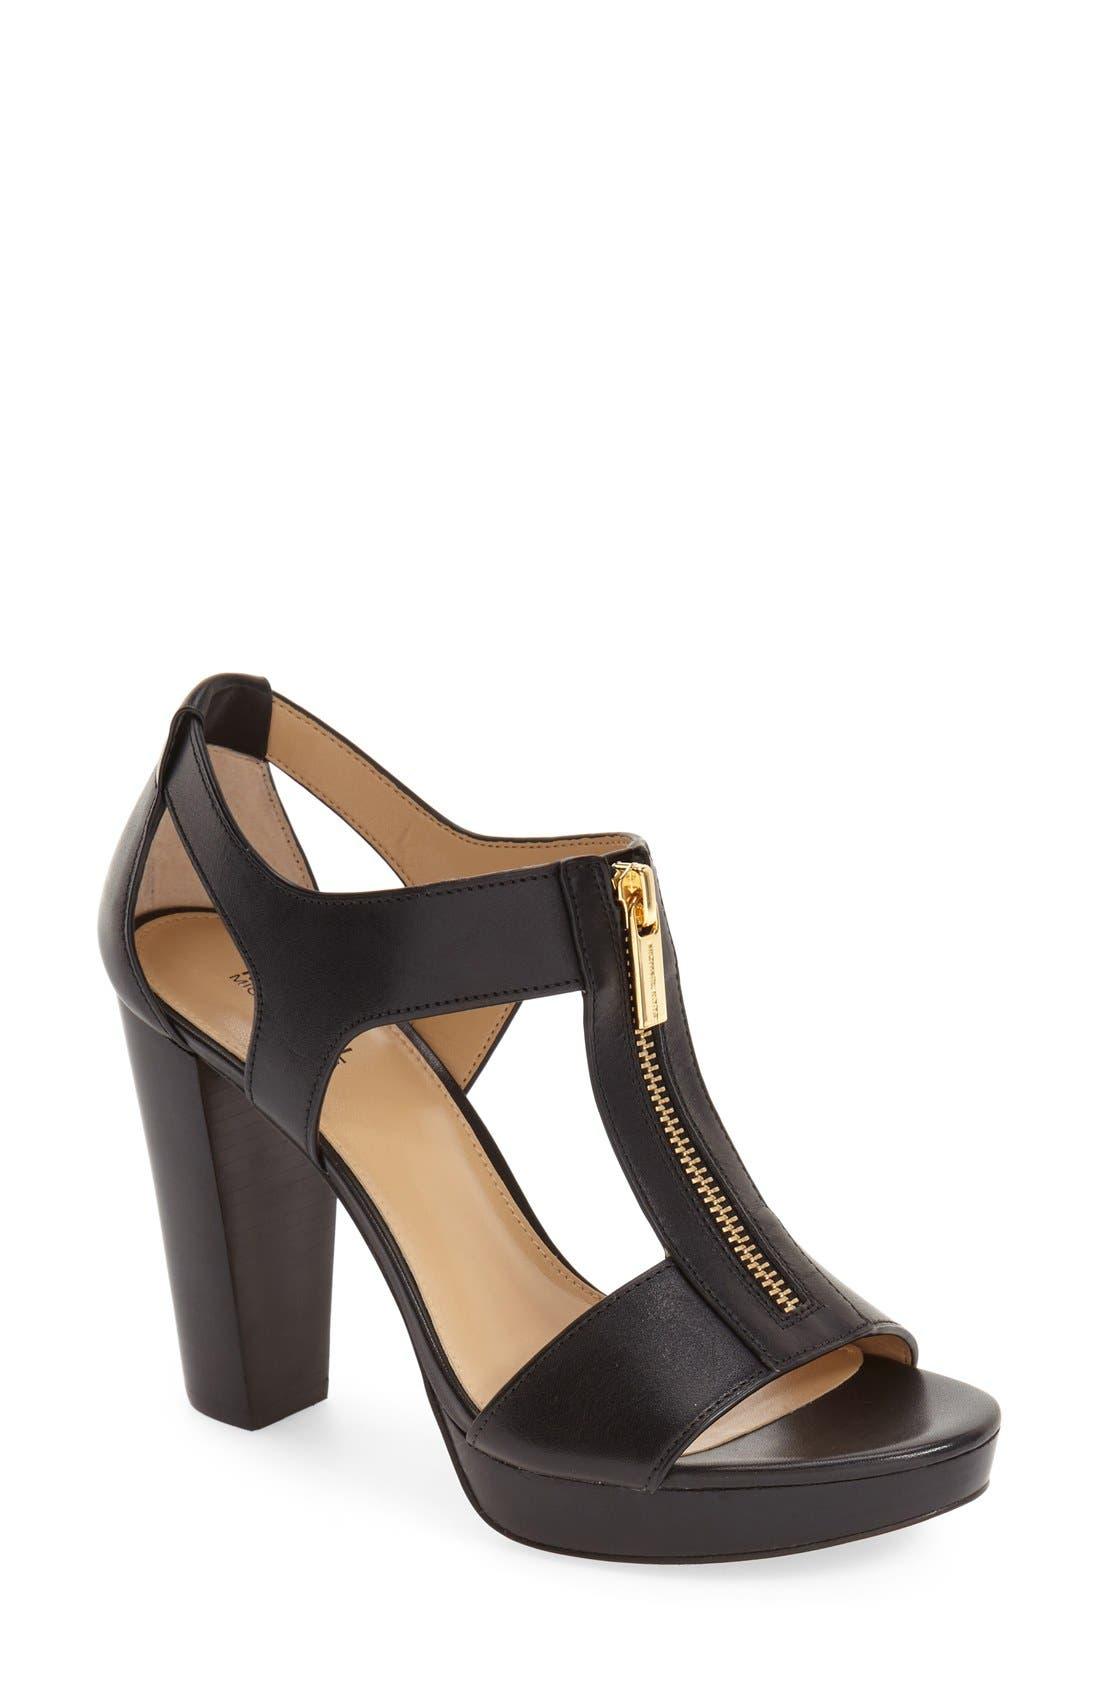 Berkley Zipper Platform High-Heel Sandals in Black